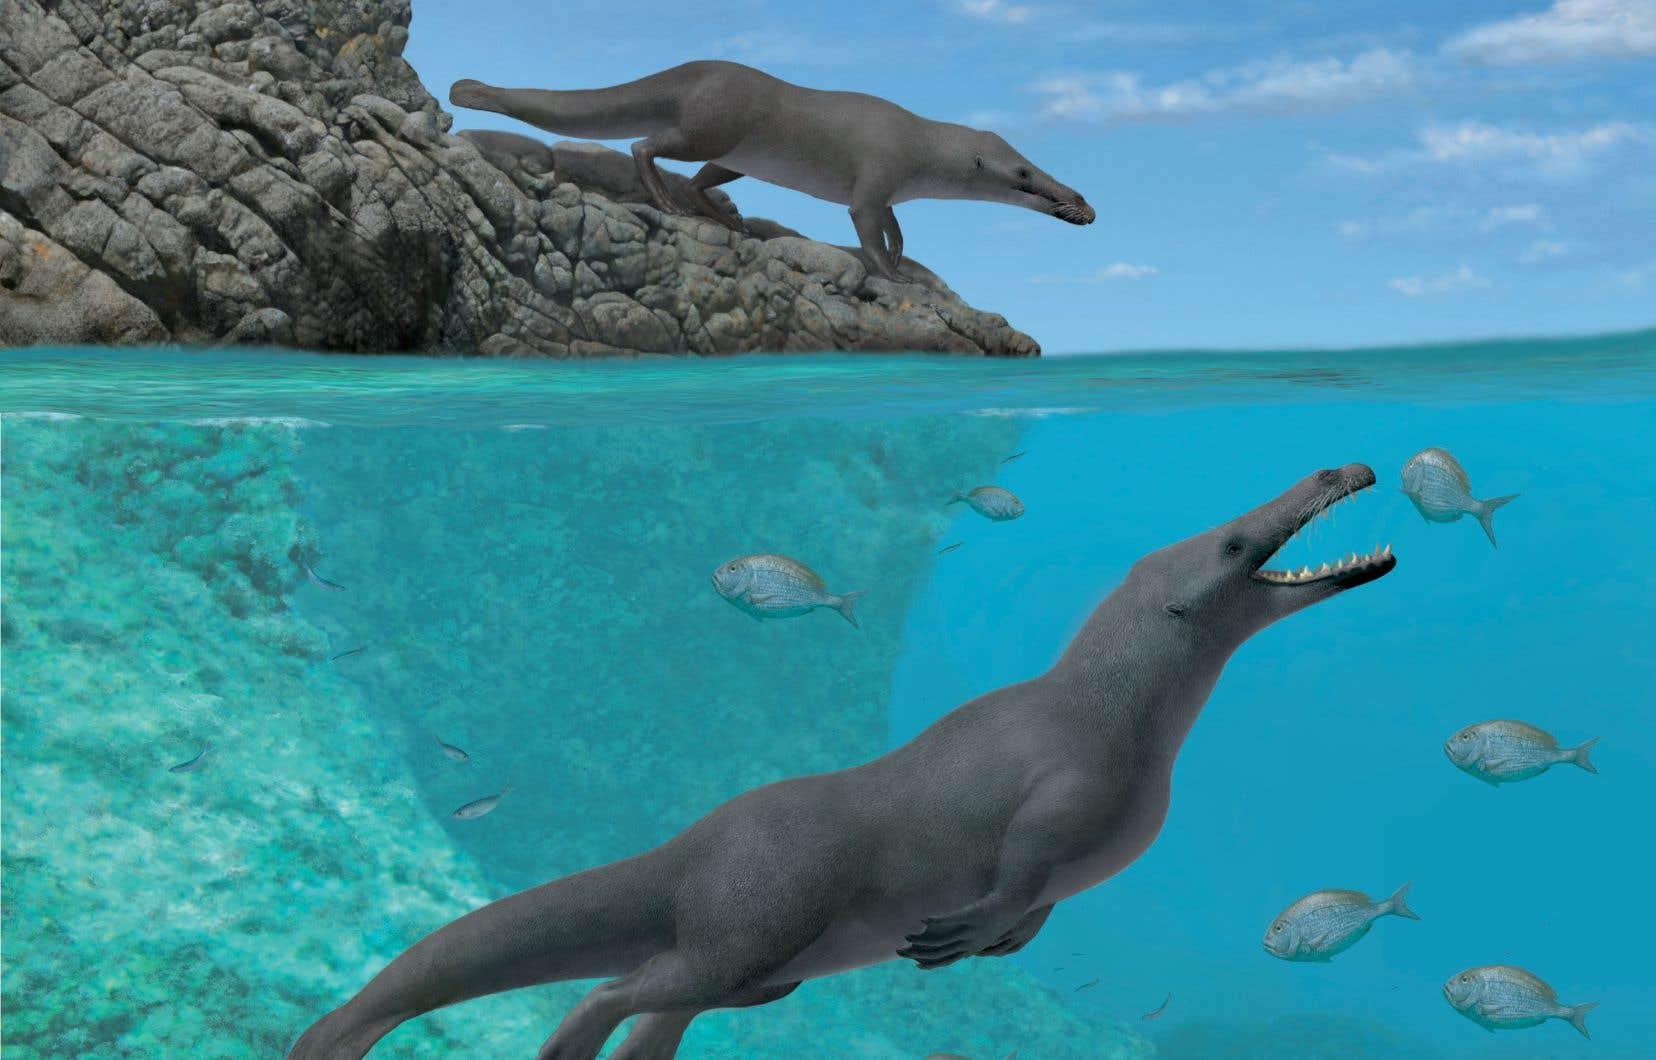 Des paléontologues ont déterré sur la côte du Pérou le fossile bien conservé d'un ancêtre amphibie quadrupède des baleines.